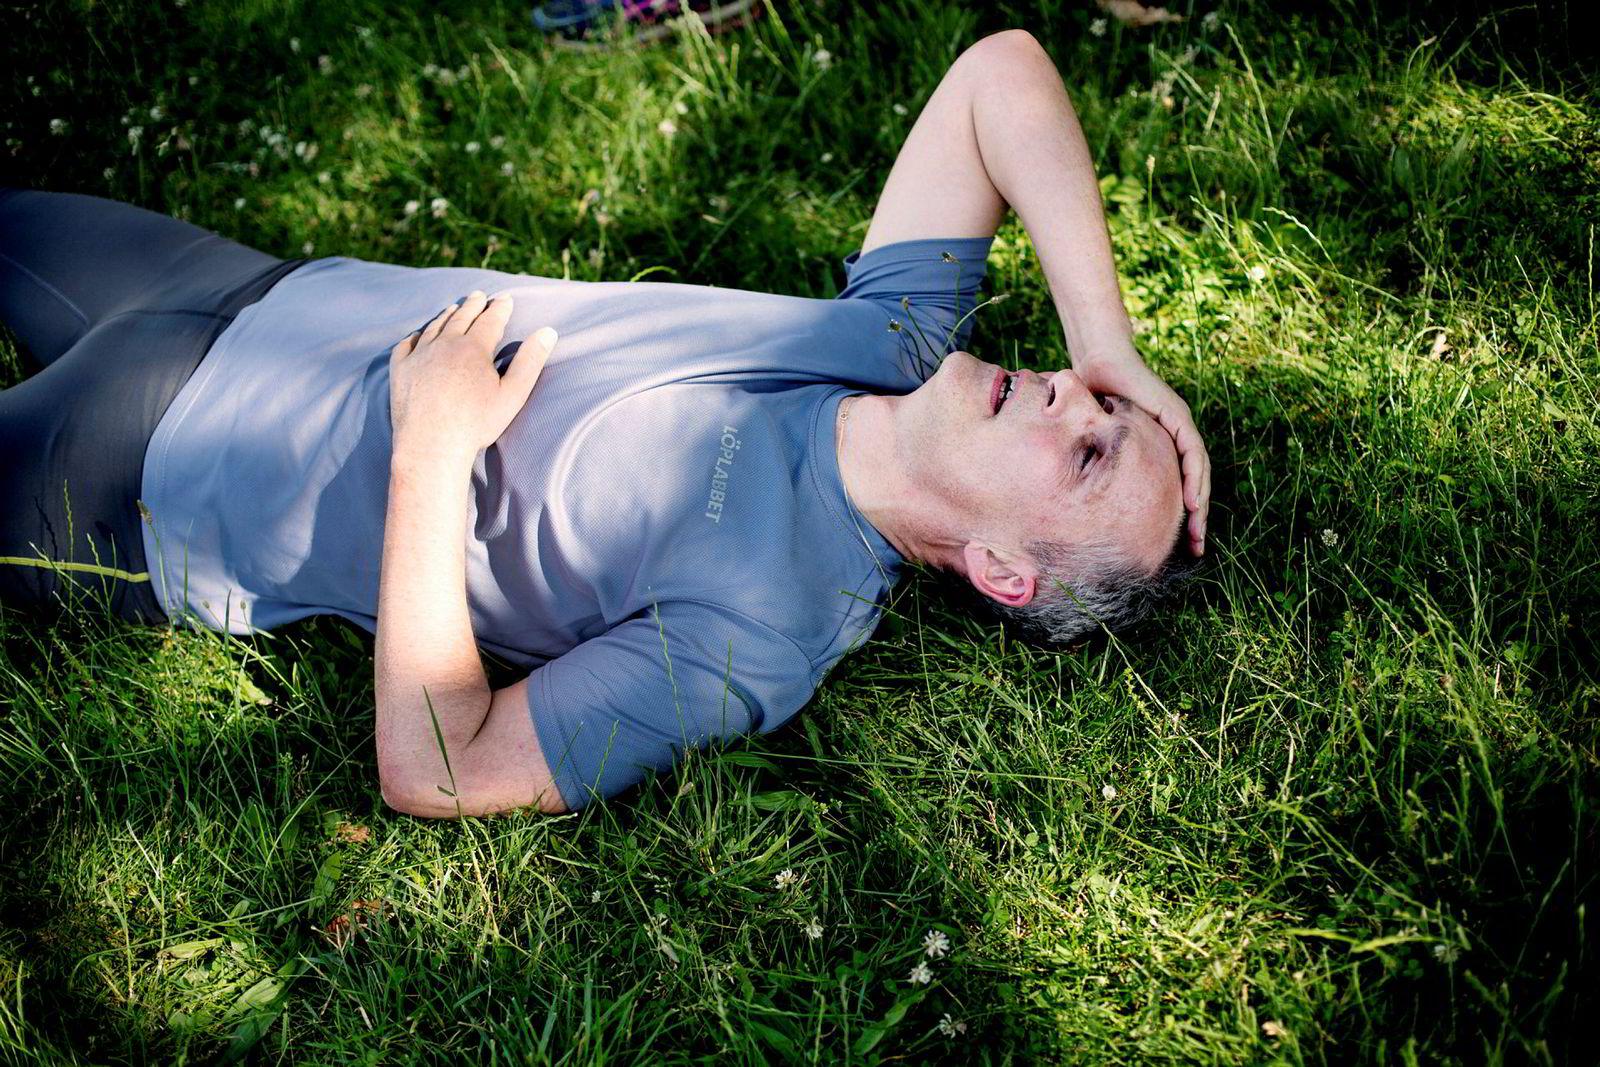 Flere ganger i uken utsetter Jens Stoltenberg og andre i staben seg for tunge styrkeøvelser utendørs, ofte i parken foran Washington-monumentet. I Washingtons fuktige hete er treningen ekstra krevende.